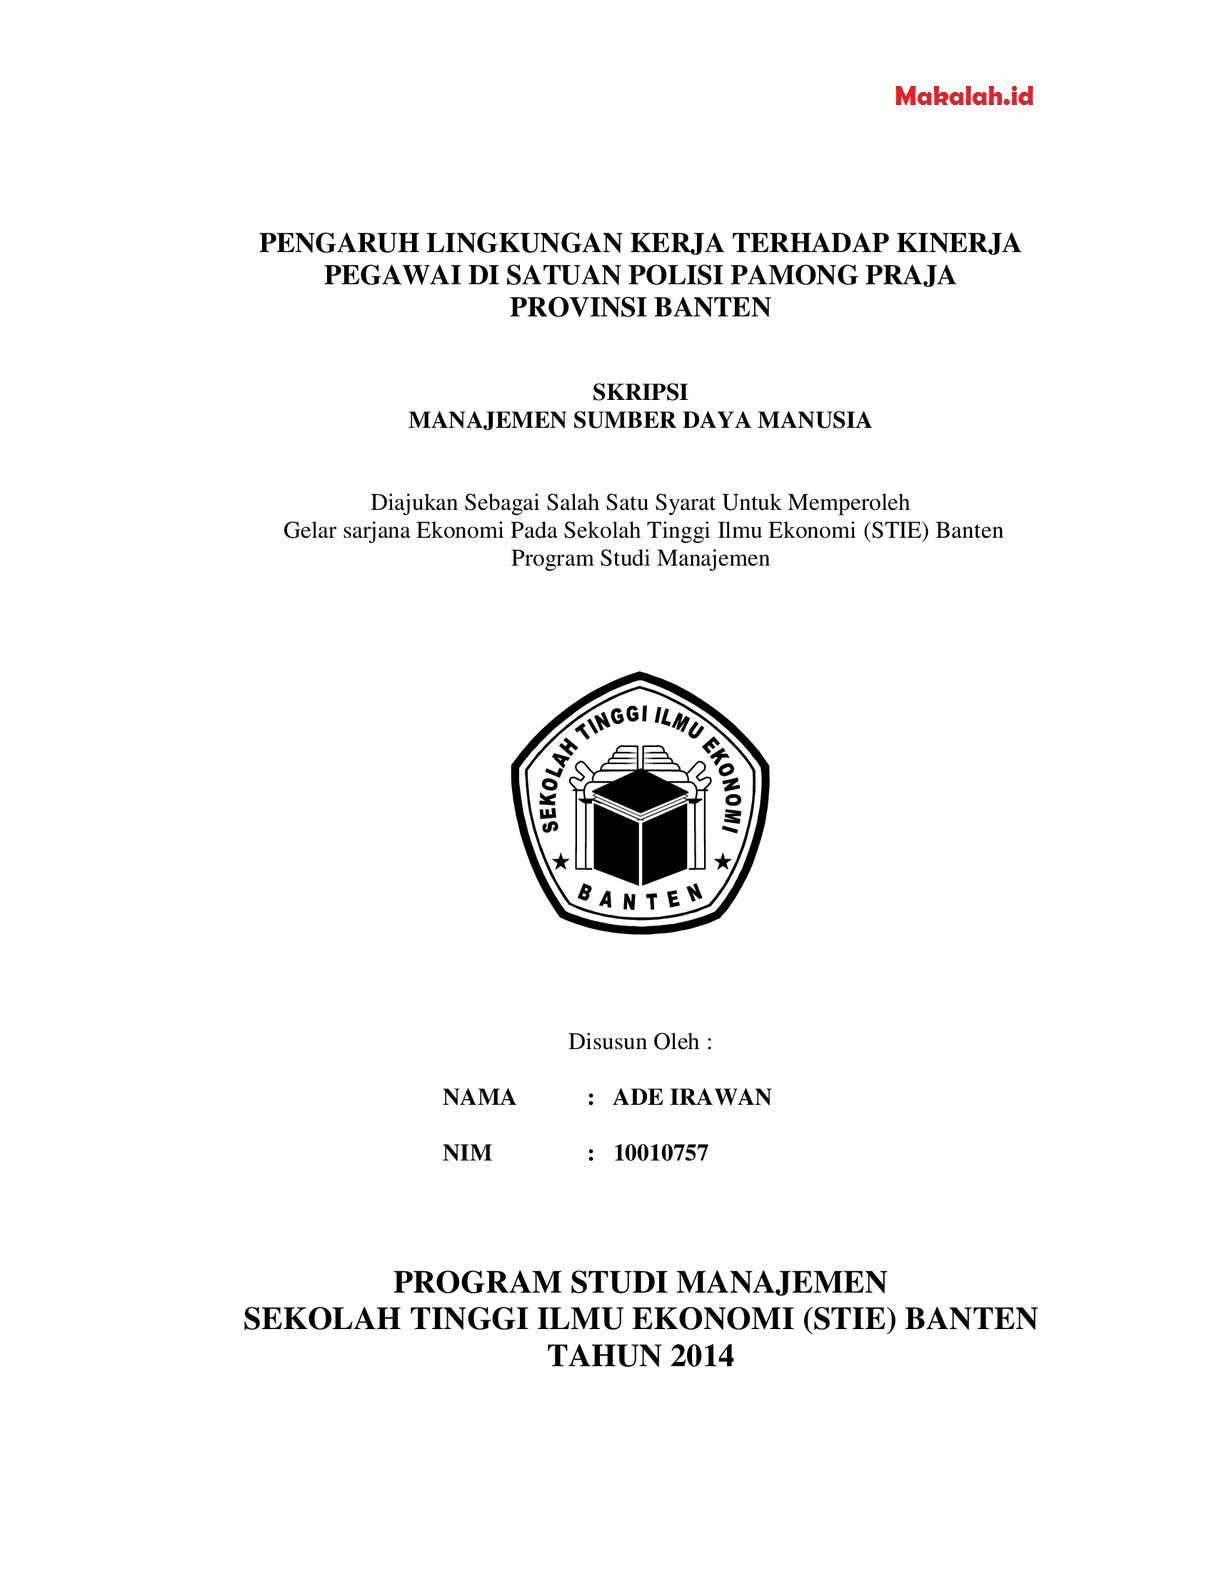 Contoh Skripsi Akuntansi Keuangan 3 Variabel Contoh Soal Dan